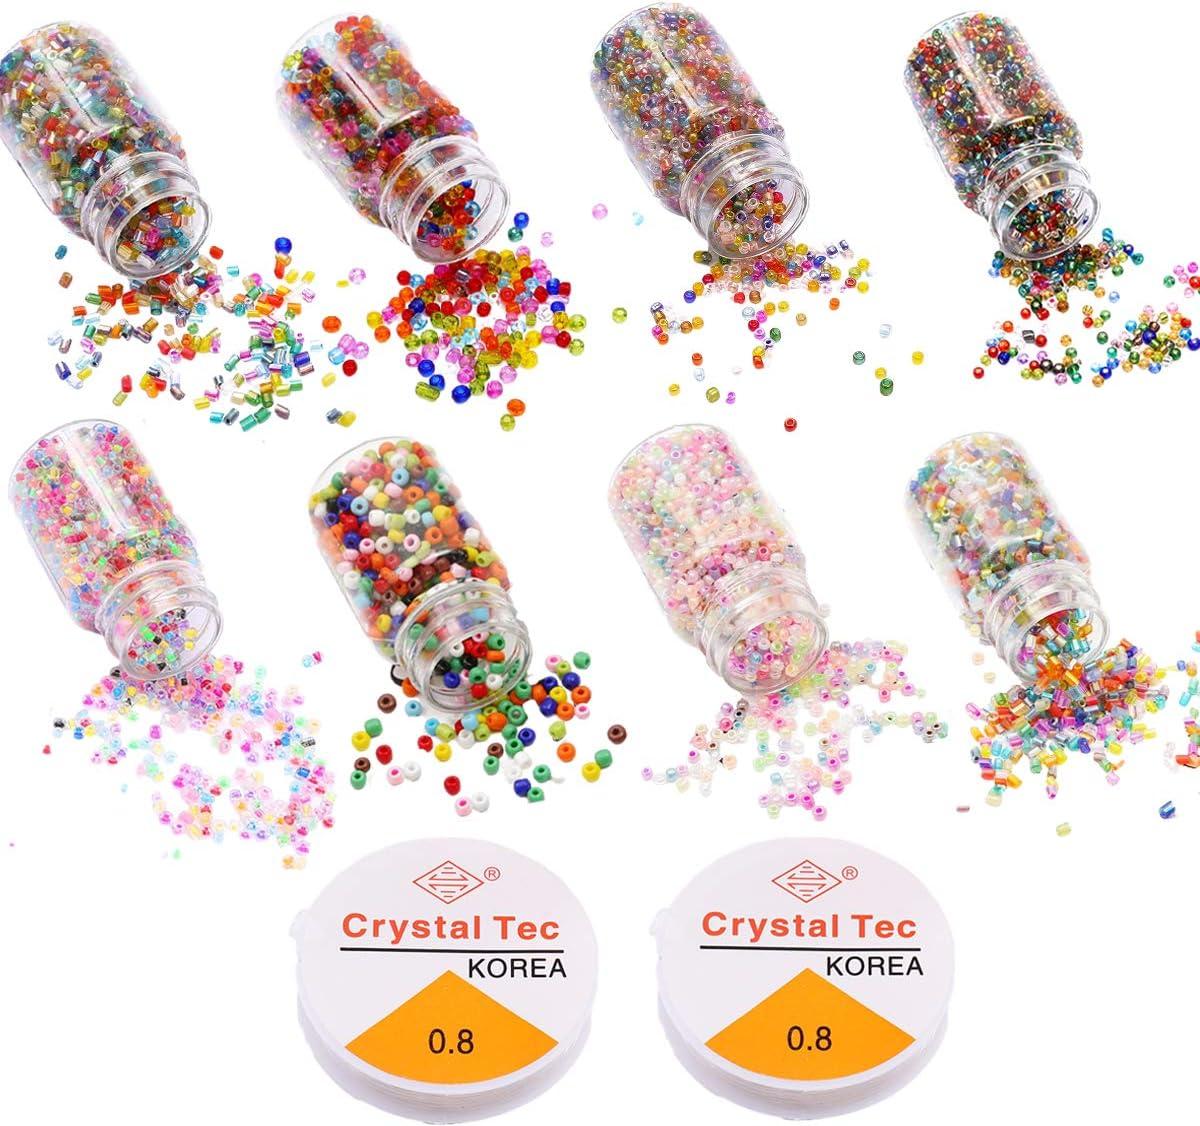 Cuentas de Semillas de Vidrio, Cuentas Cristal Facetado, Cuentas de Colores, Mini Cuentas y Abalorios Perlas Espaciadoras, para Pulseras, Collares, Bisutería de Manualidades